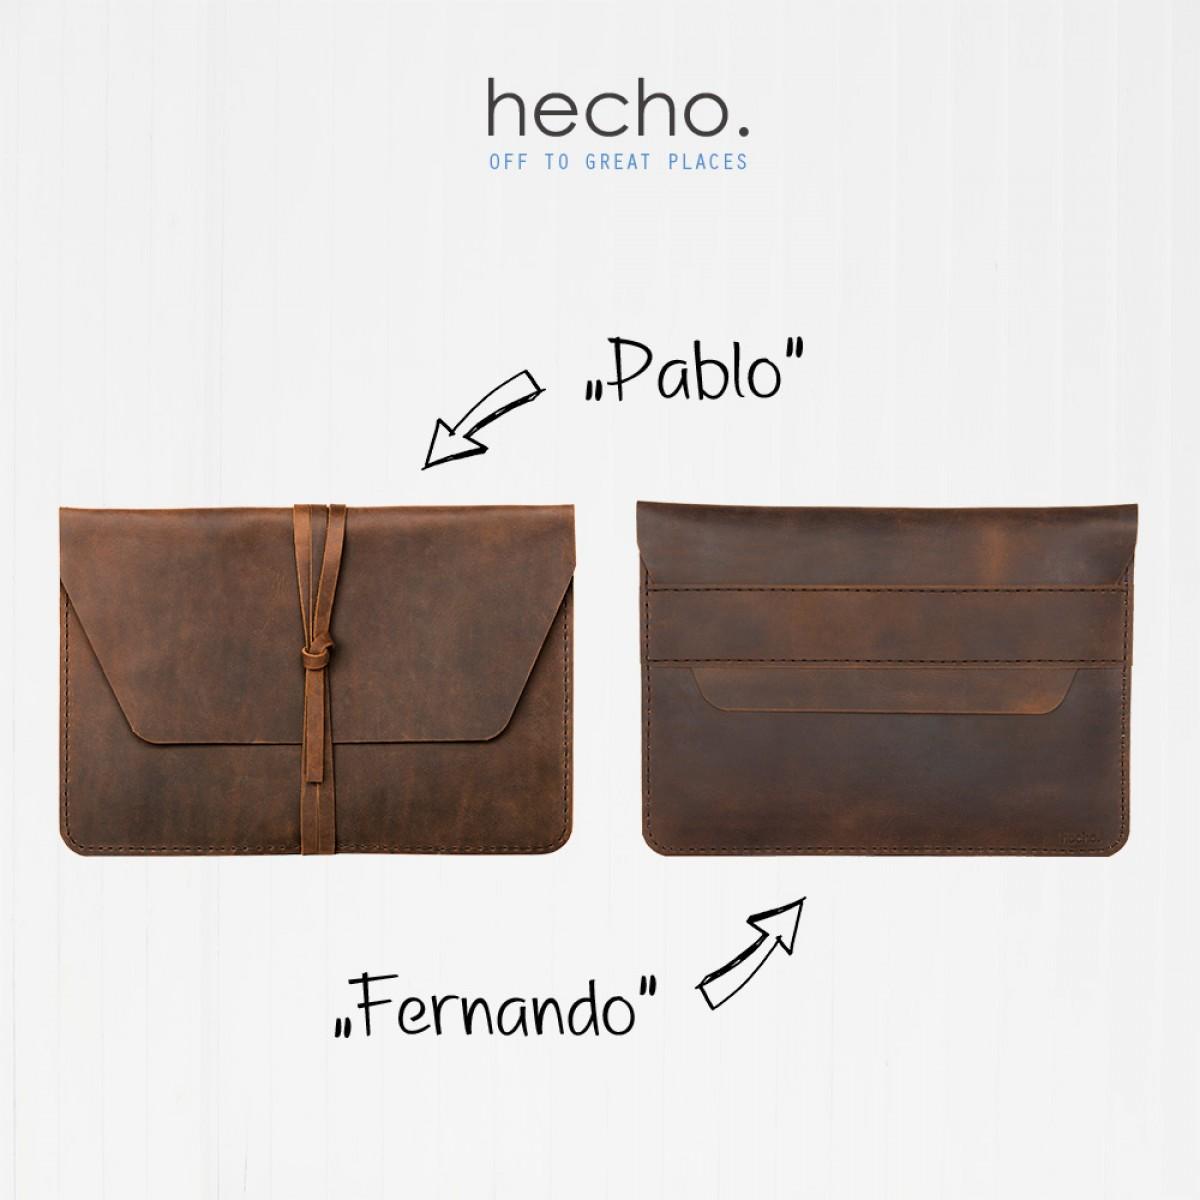 """hecho. Ledertasche """"Fernando"""" für MacBook Pro 15"""" Retina (Hülle, Cover, Sleeve, Schutz)"""